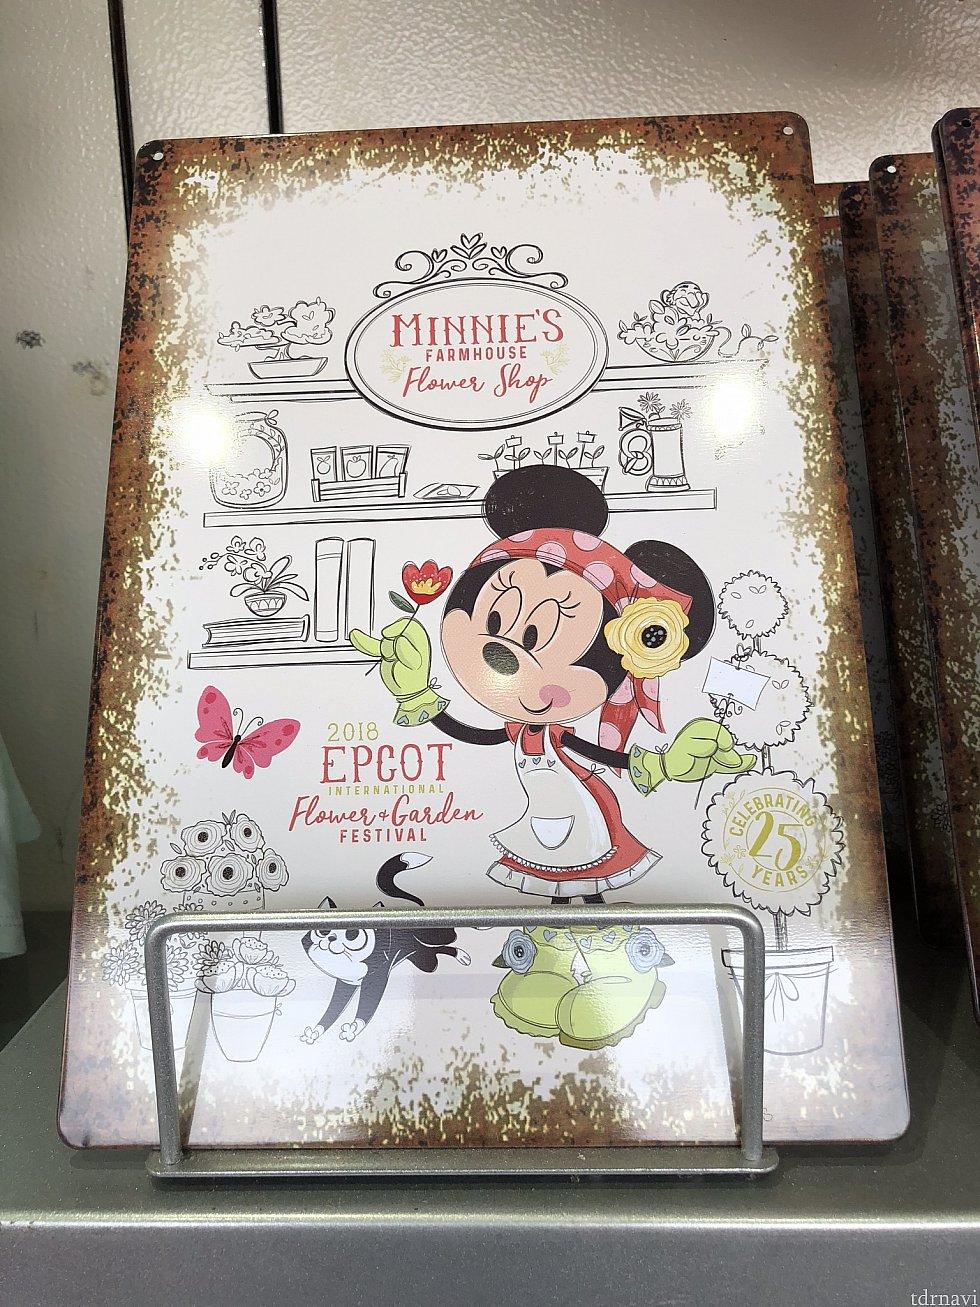 ミニーのフラワーショップが描かれた飾り物ですね。$16.99